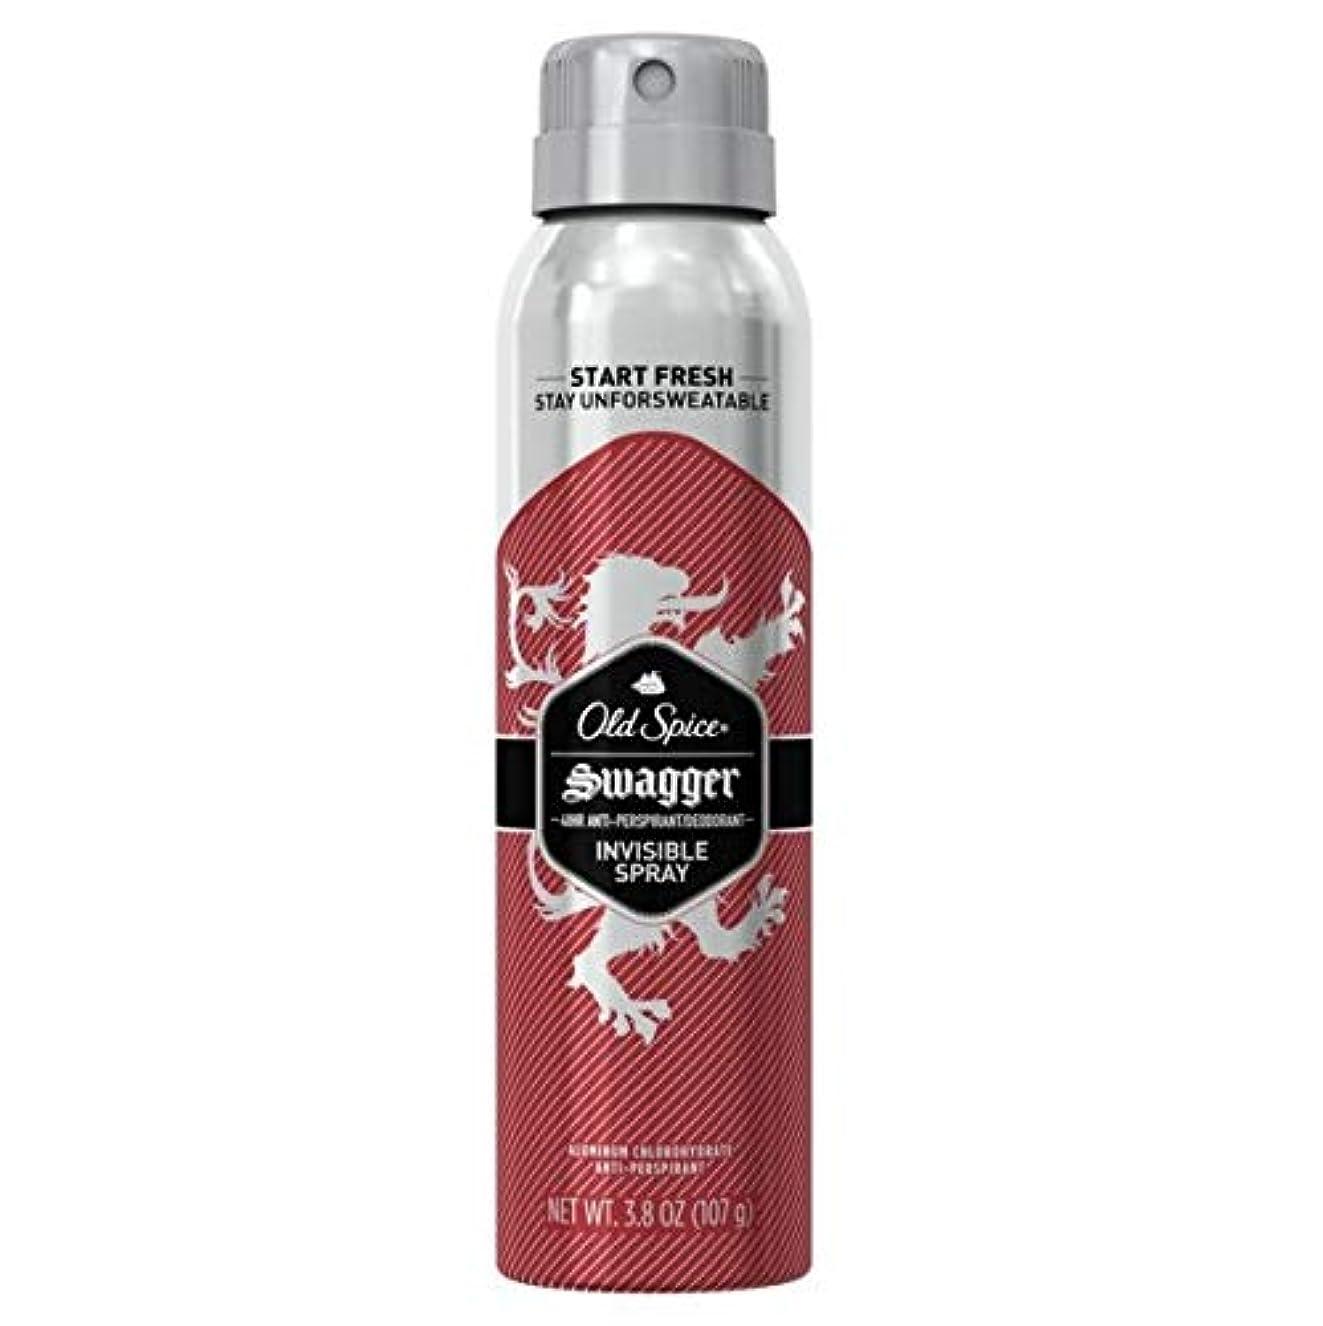 上院問い合わせ描写Old Spice Swagger Invisible Spray Antiperspirant and Deodorant - 3.8oz オールドスパイス インビジブルスプレー スワッガー 107g [並行輸入品]